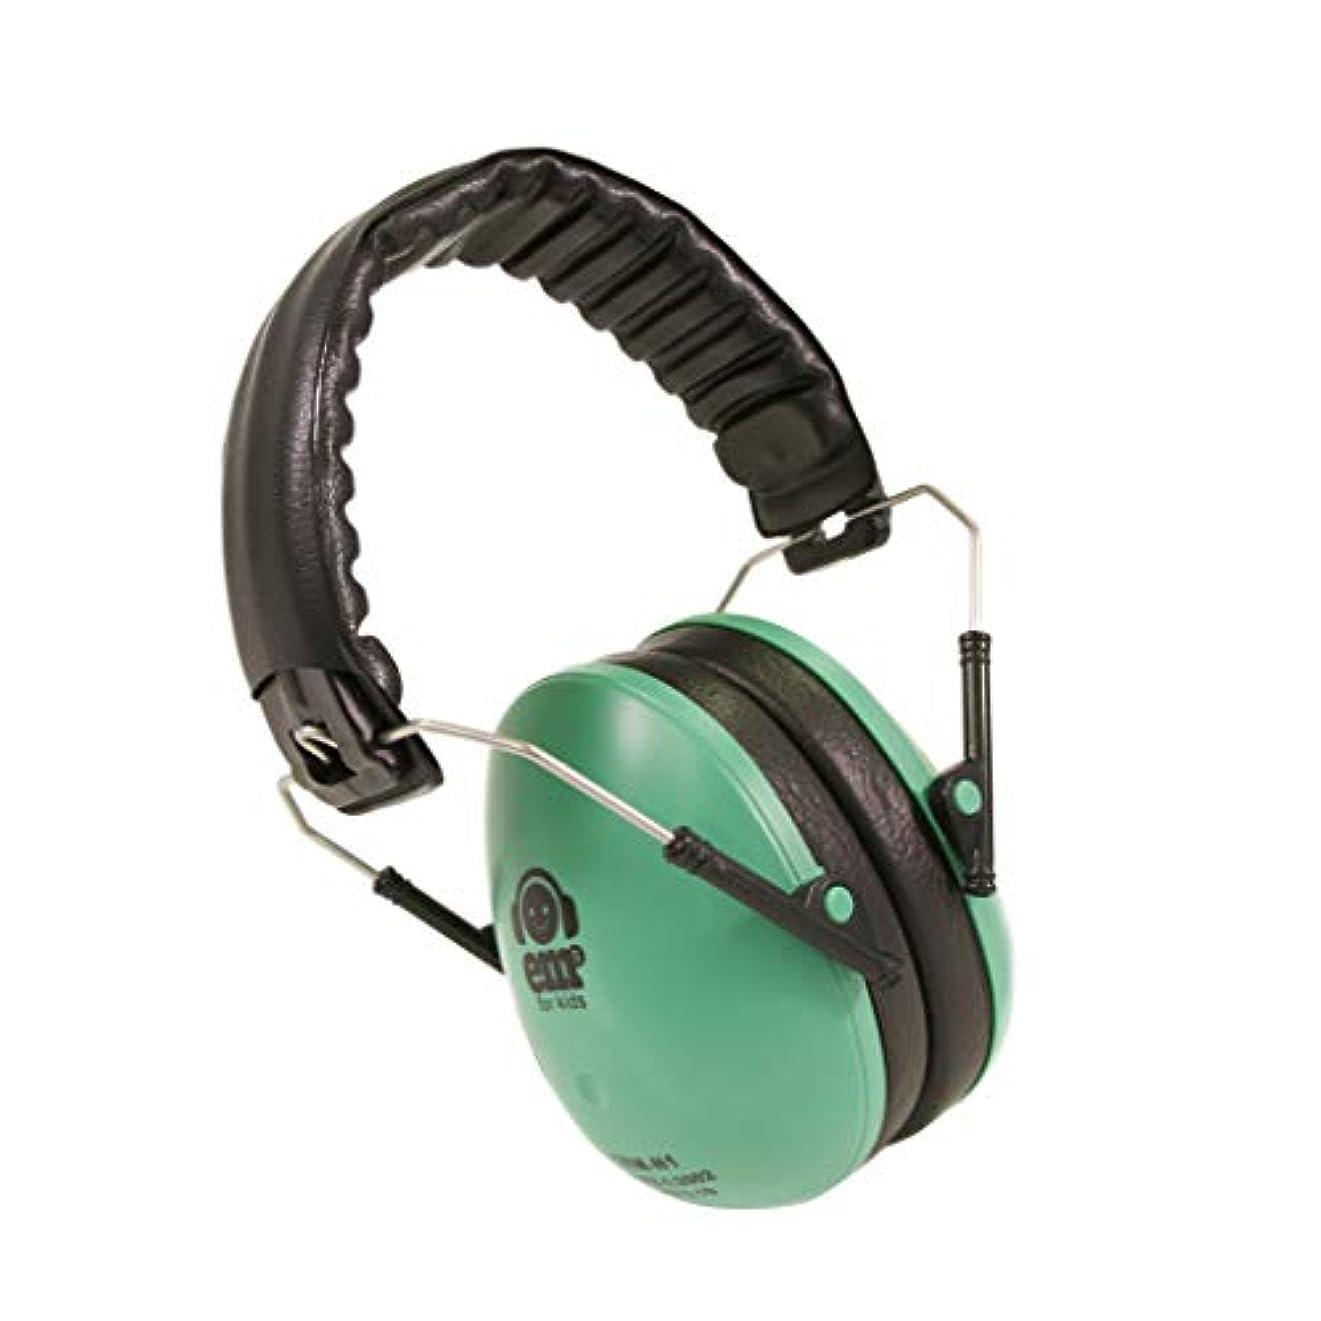 盆地製作じゃないEm's 4 Kids Hearing Protection Earmuffs Noise Protection (Mint Green) by Em's 4 Kids [並行輸入品]